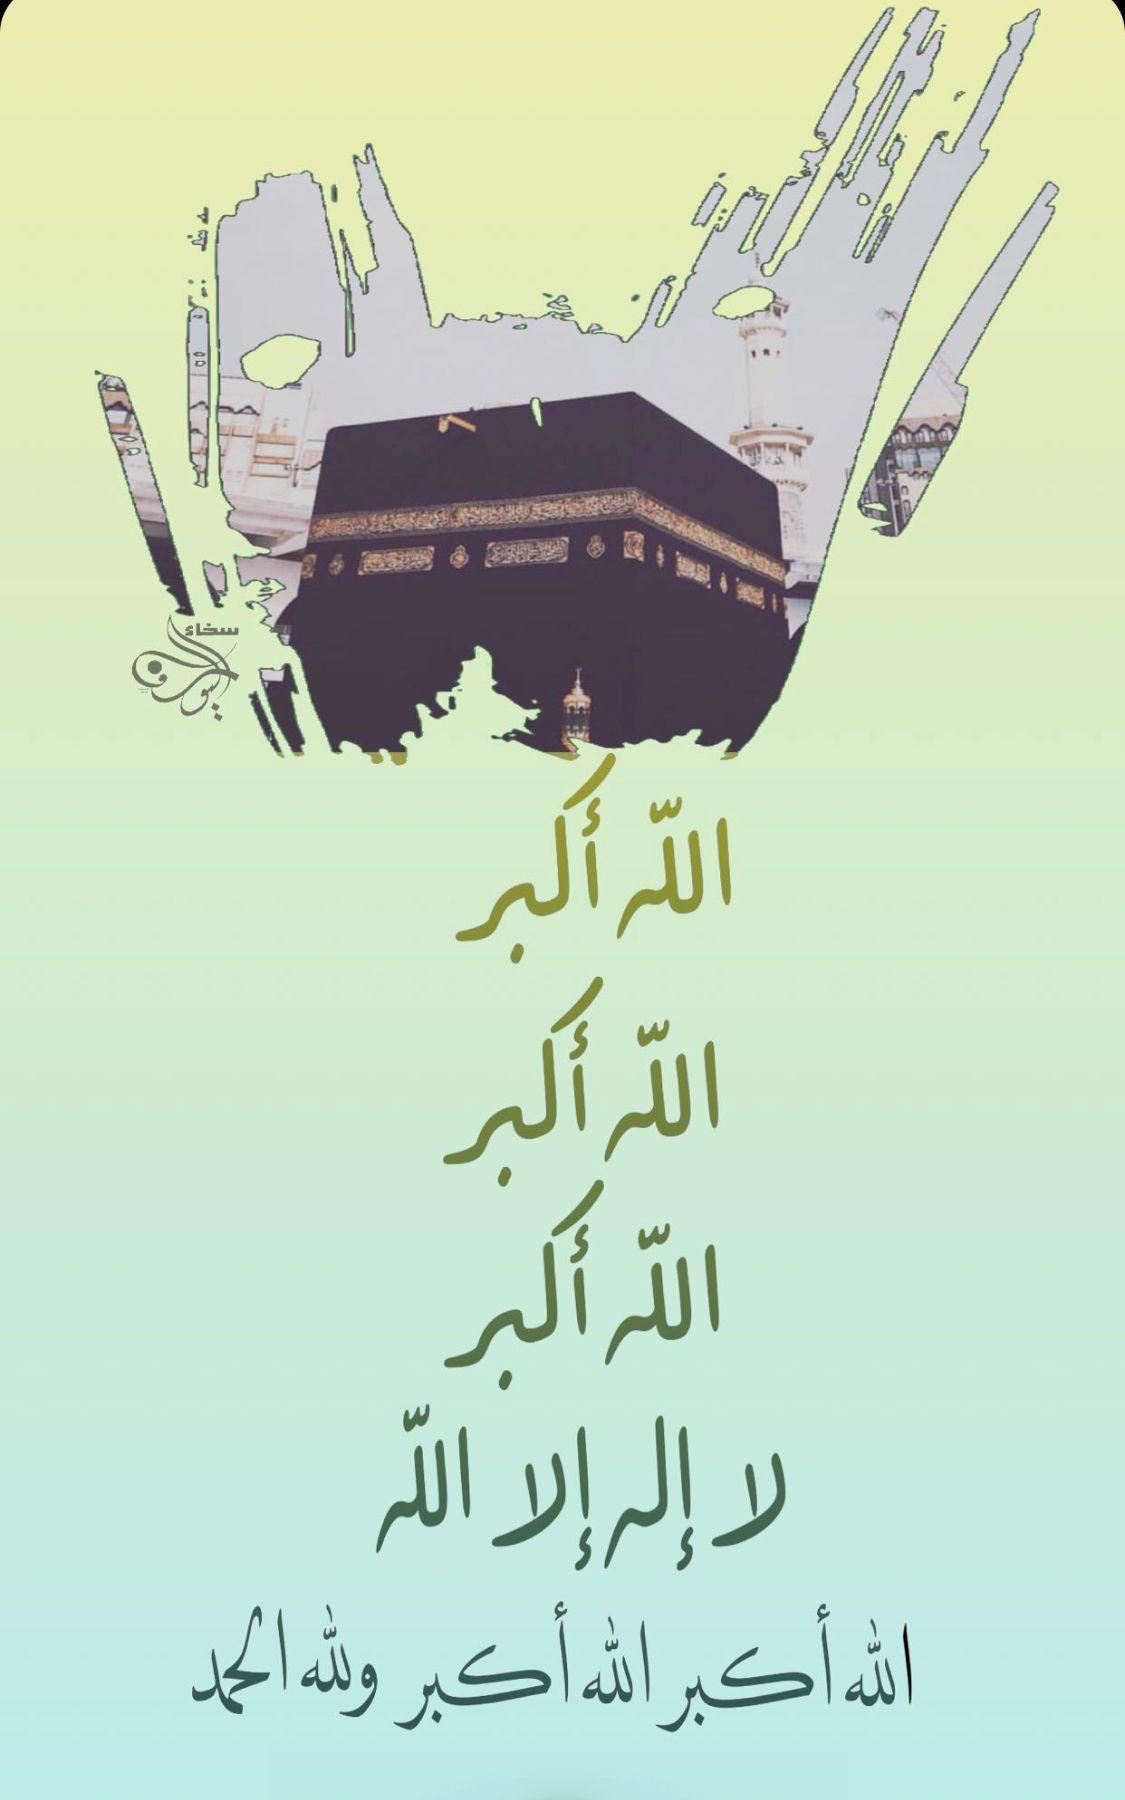 العشر اسلاميات اقتباسات خلفيات Iphonewallpaper Iphone Islam